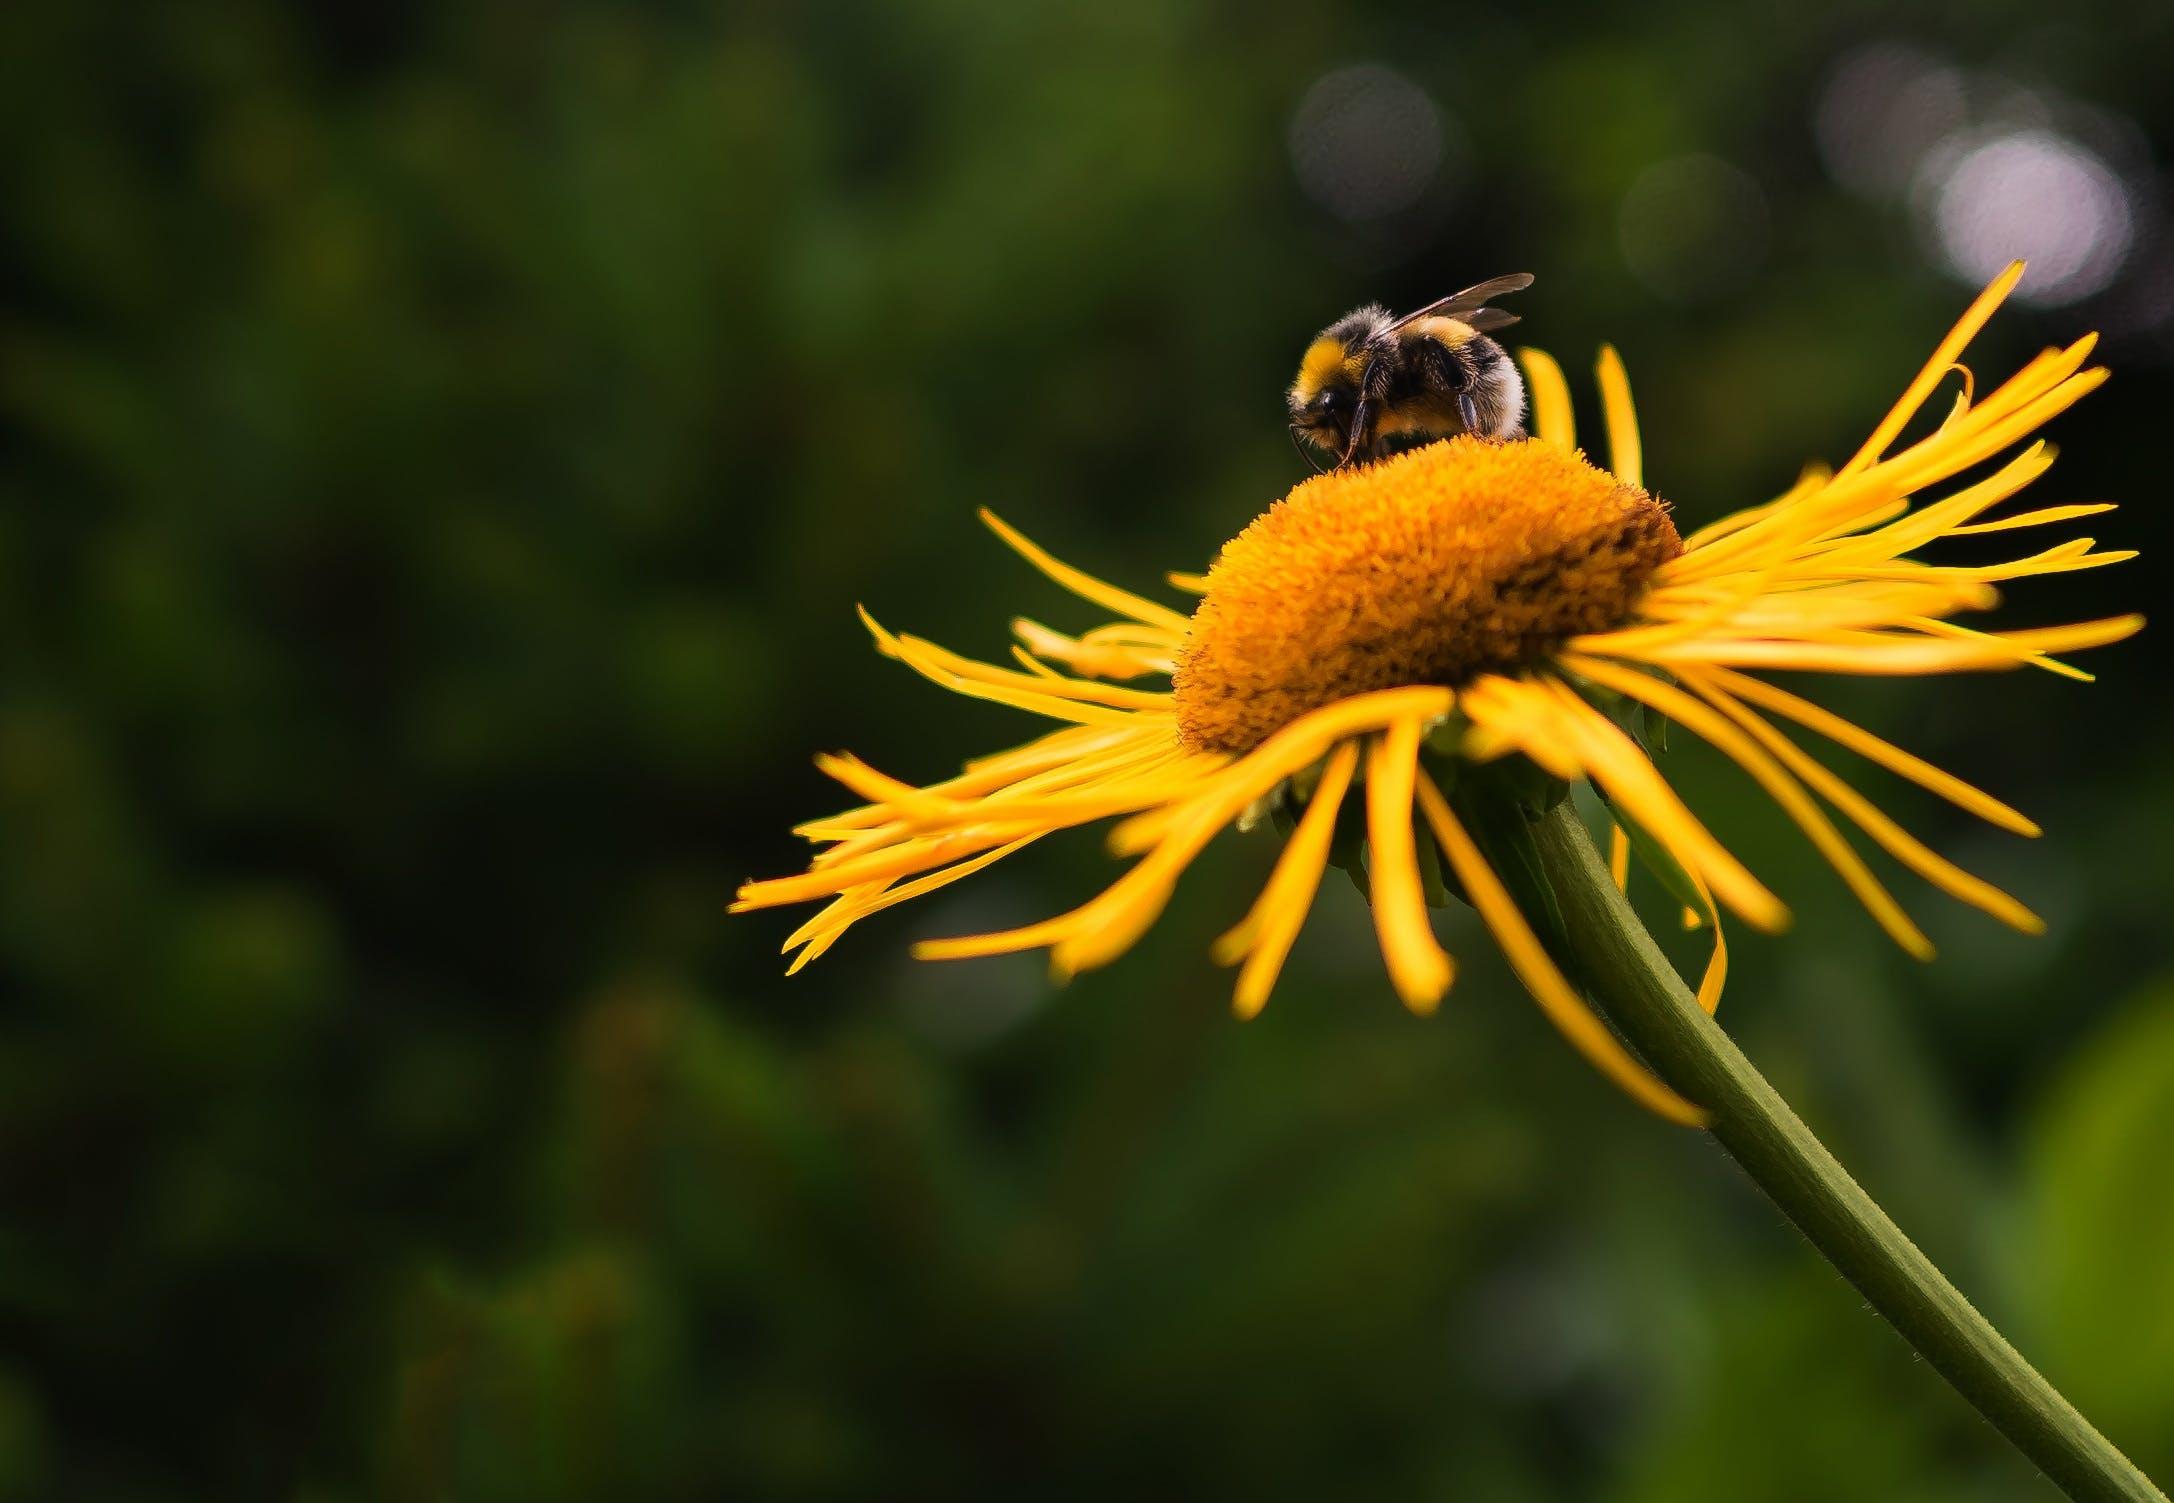 Kostenloses Stock Foto zu natur, garten, gelb, pflanze